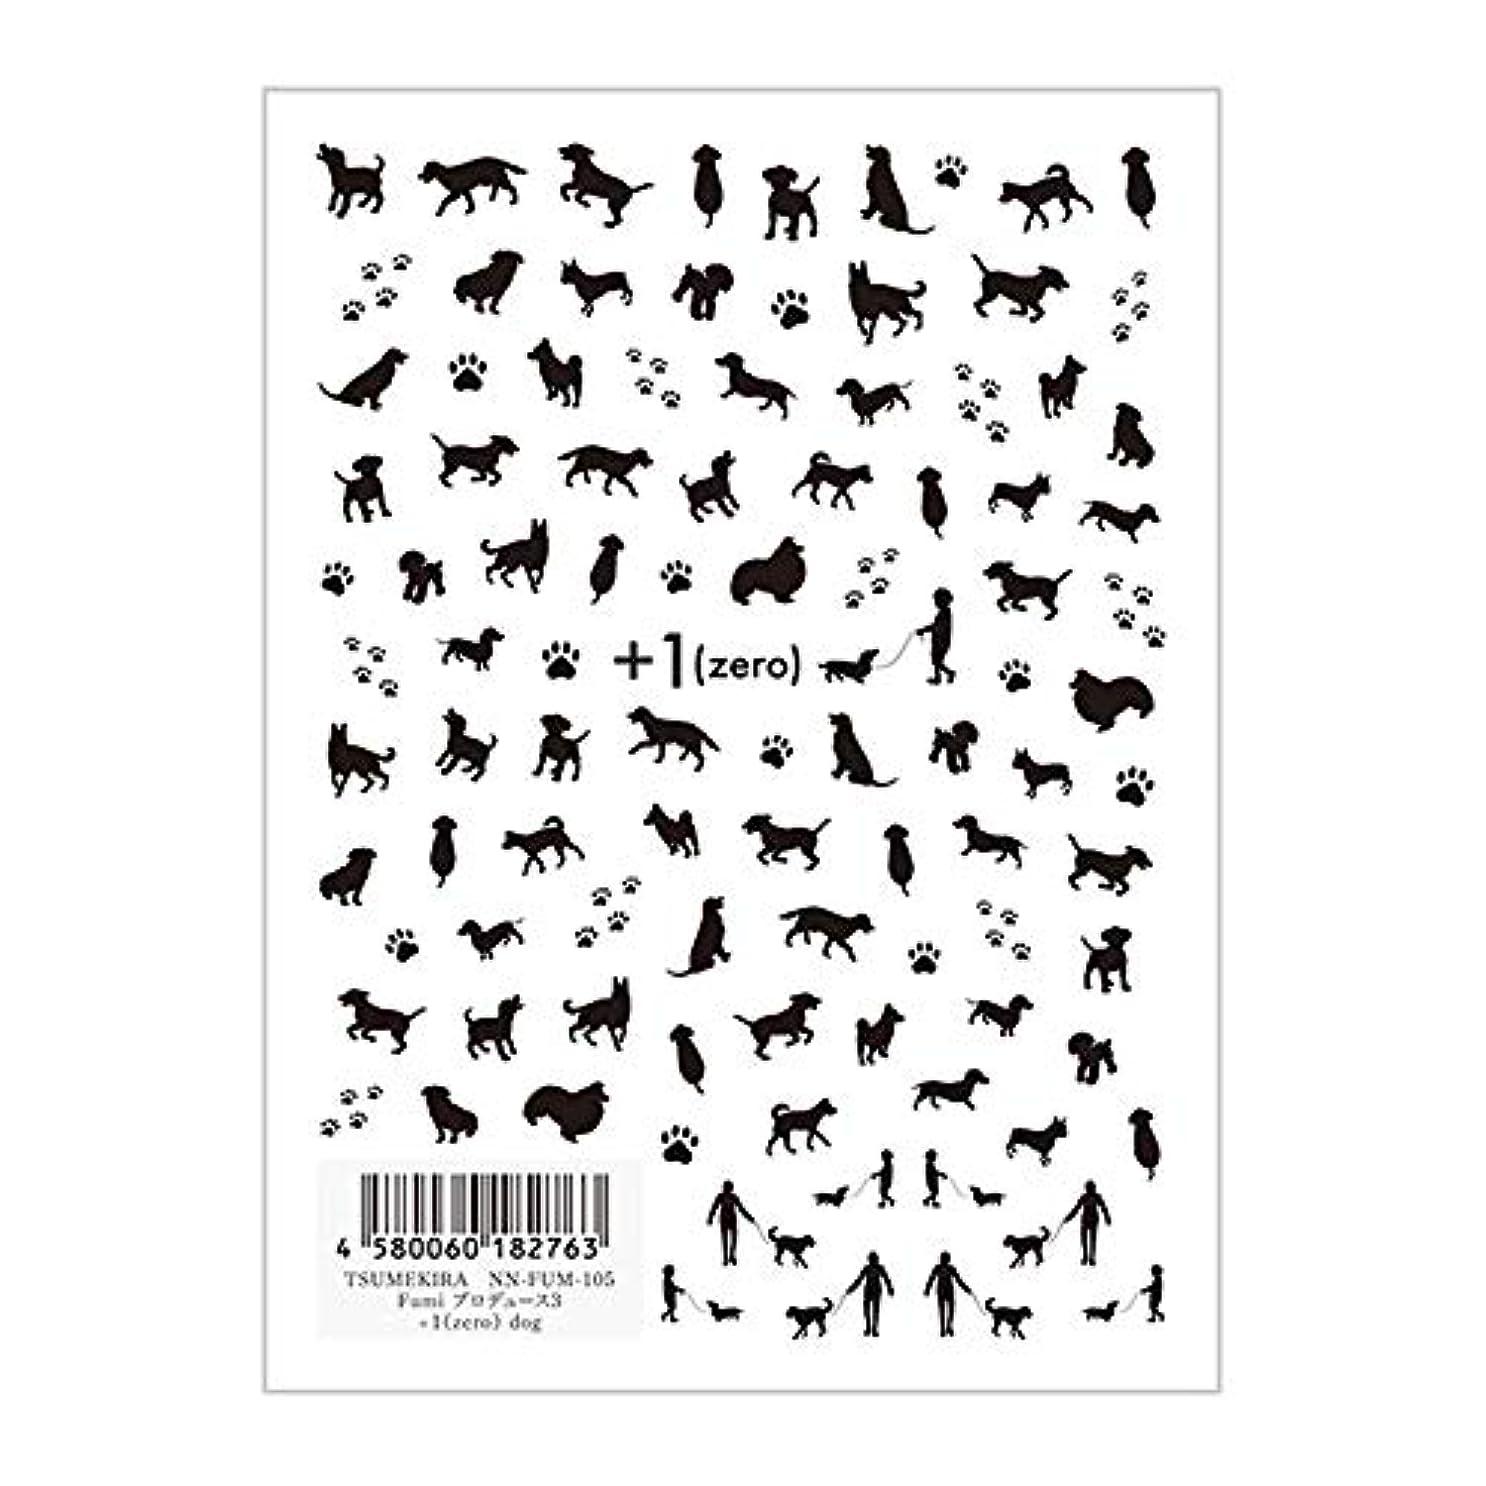 影ピービッシュ最初TSUMEKIRA(ツメキラ) ネイルシール Fumiプロデュース3 +1(zero) dog NN-FUM-105